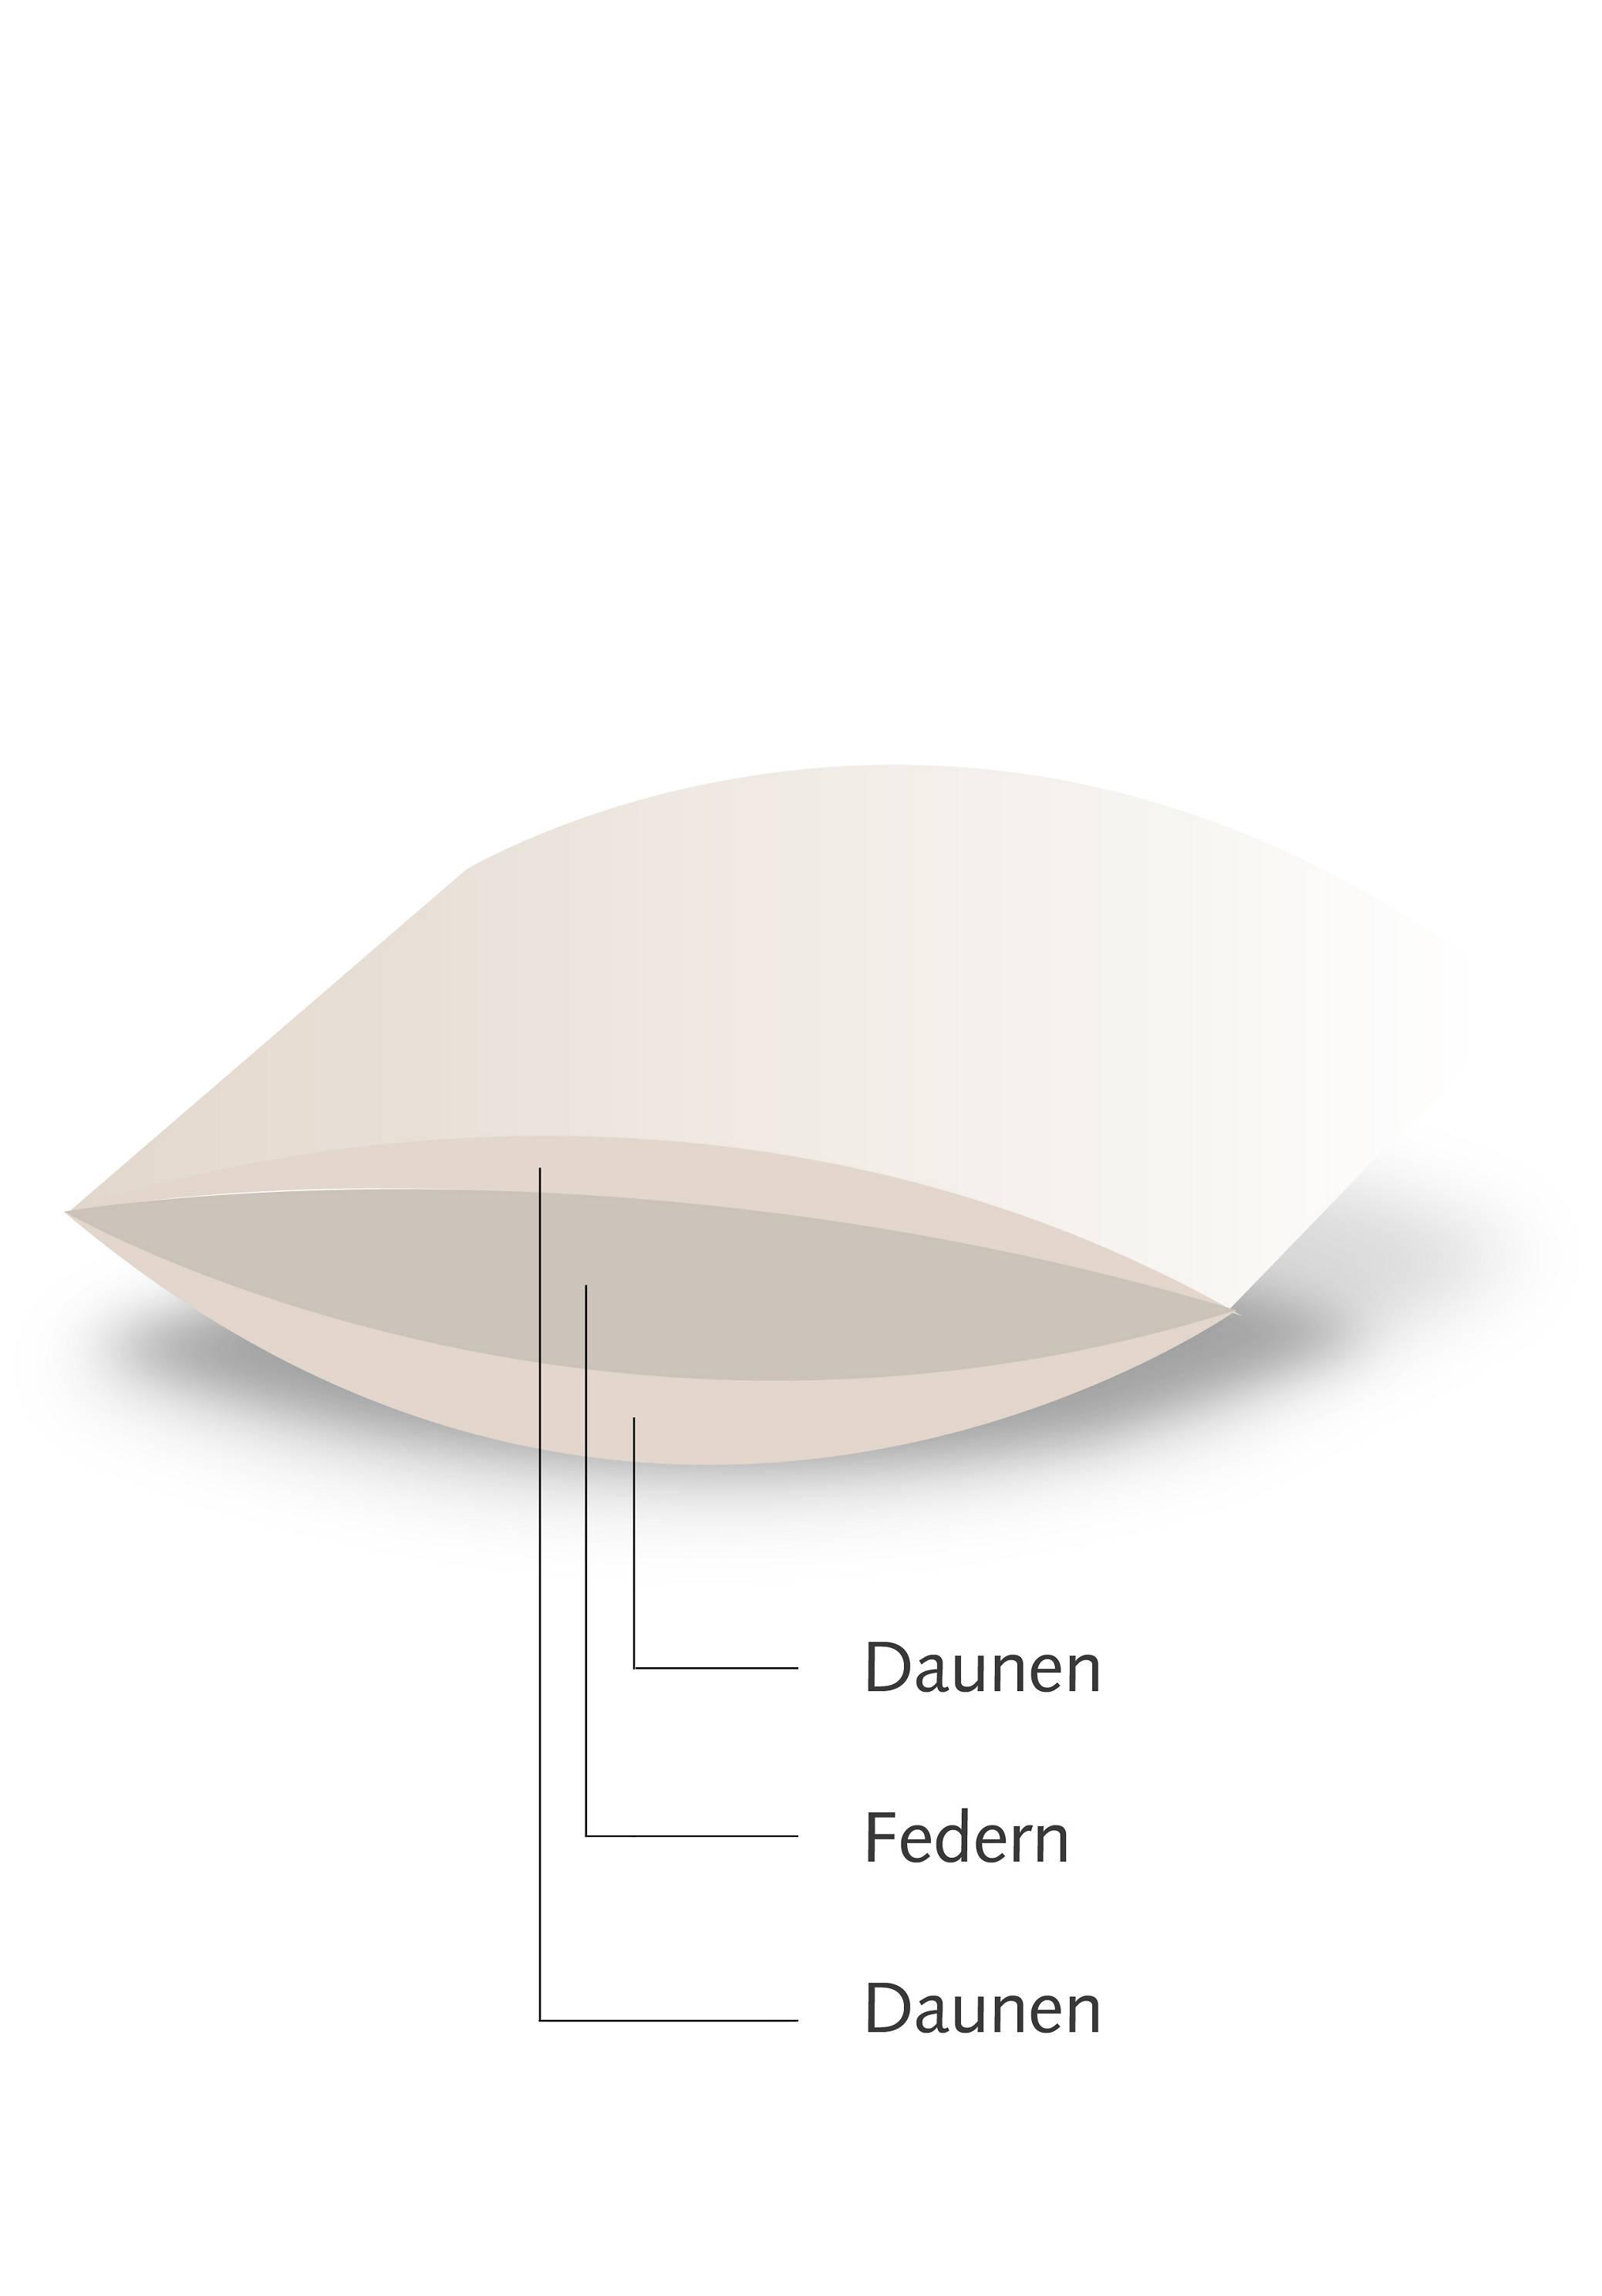 3 kammer kopfkissen federn daunen hessnatur sterreich. Black Bedroom Furniture Sets. Home Design Ideas